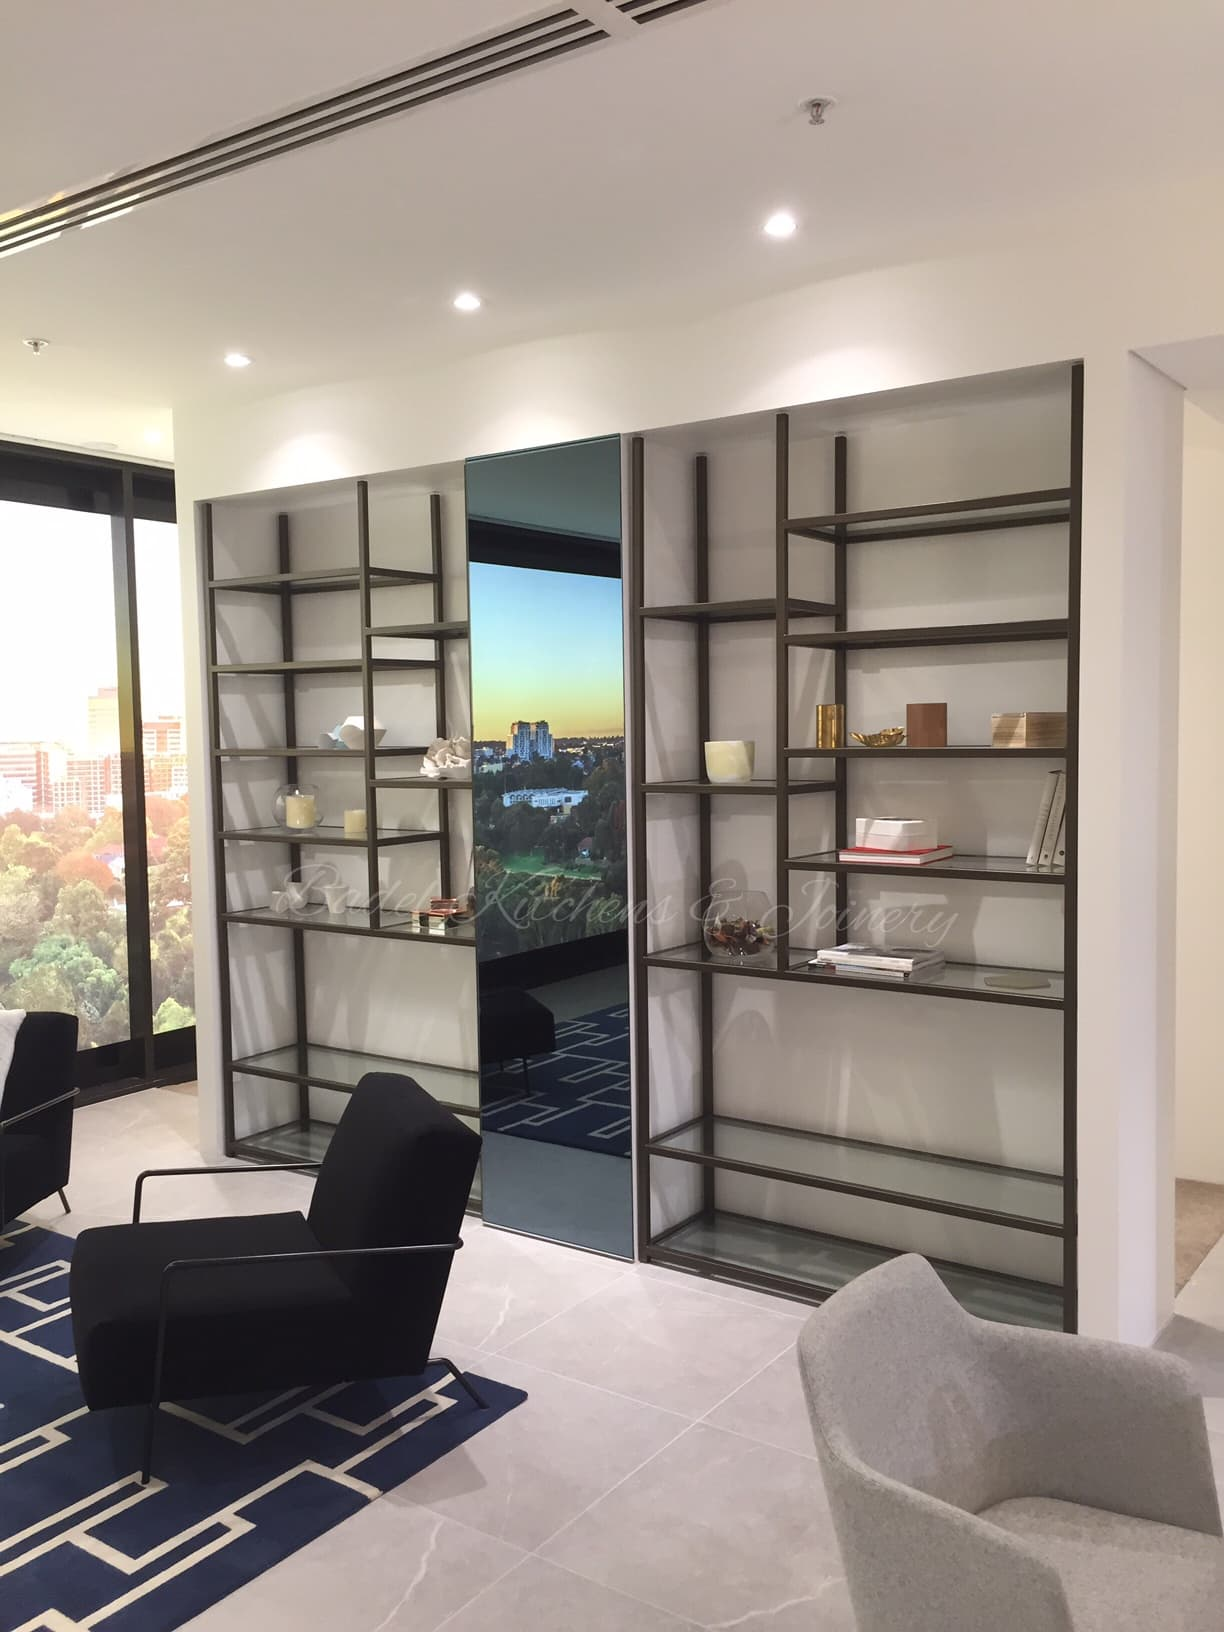 Parramatta Display Suite & Showroom Project